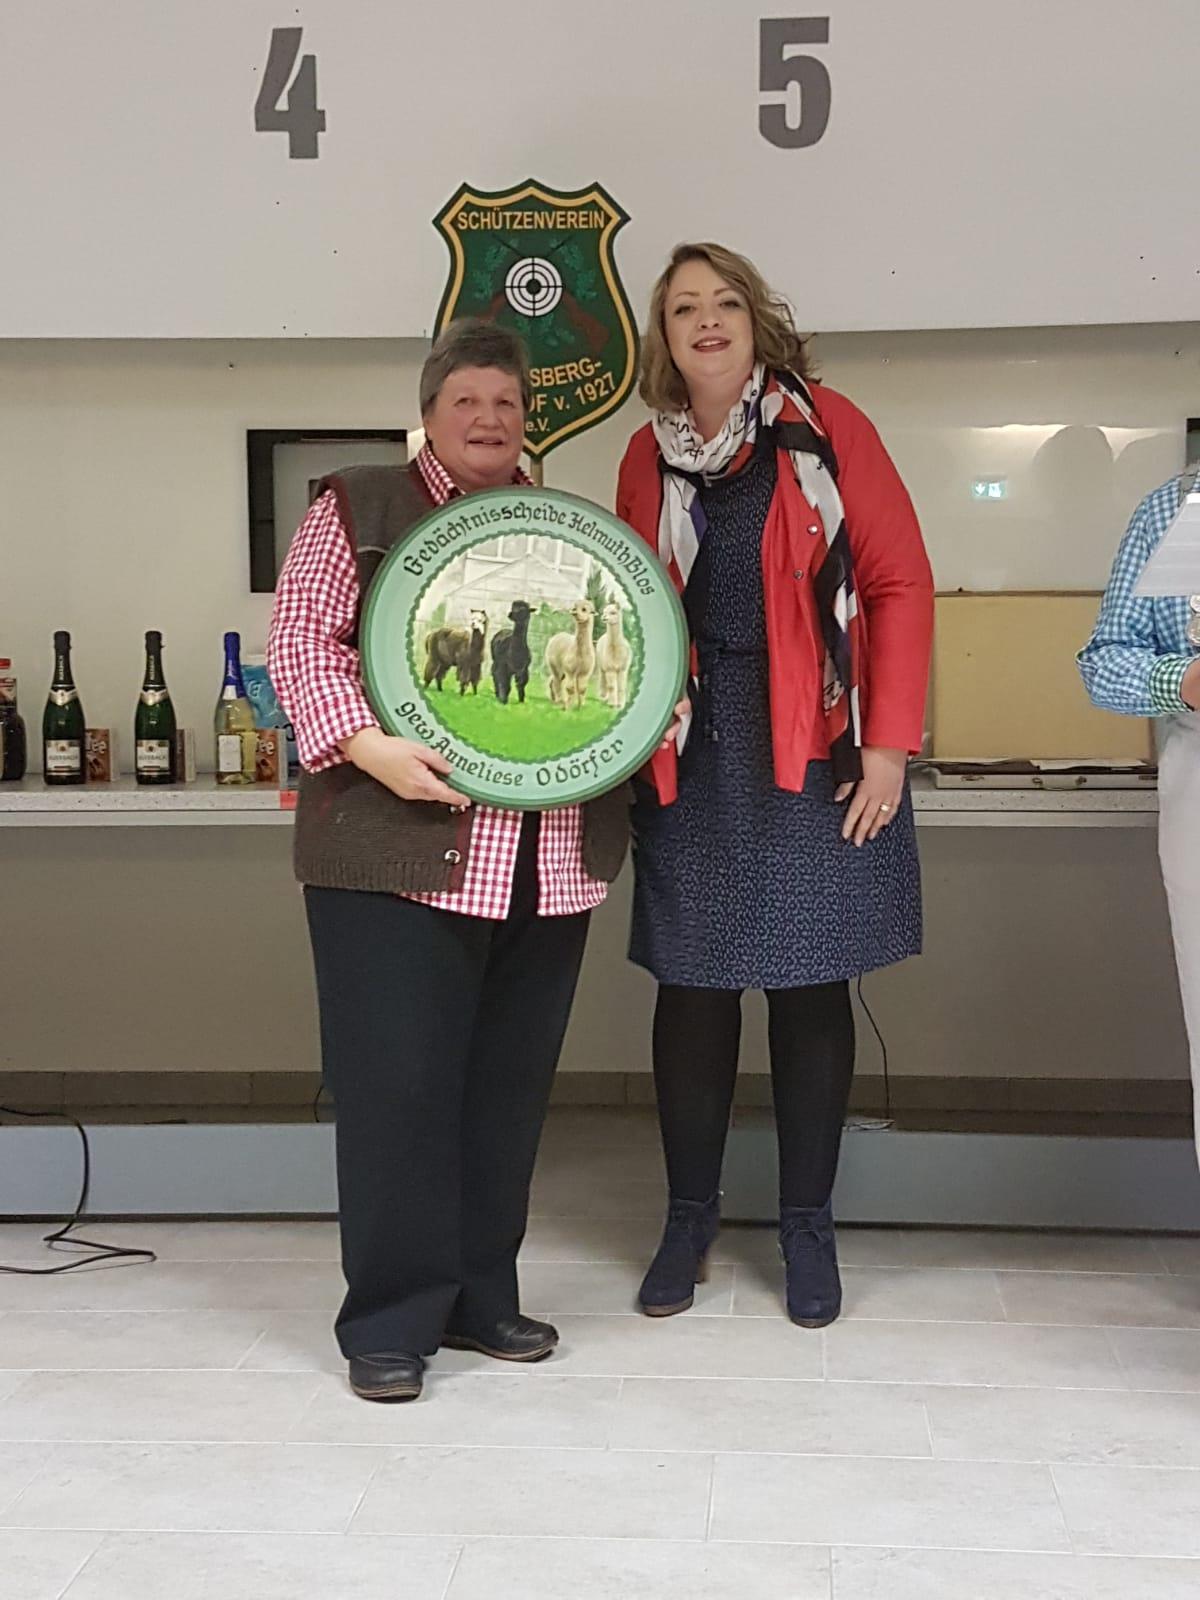 Gewinnerin der Gedächtnisscheibe Anneliese Odörfer mit Nichte Jana Seybold